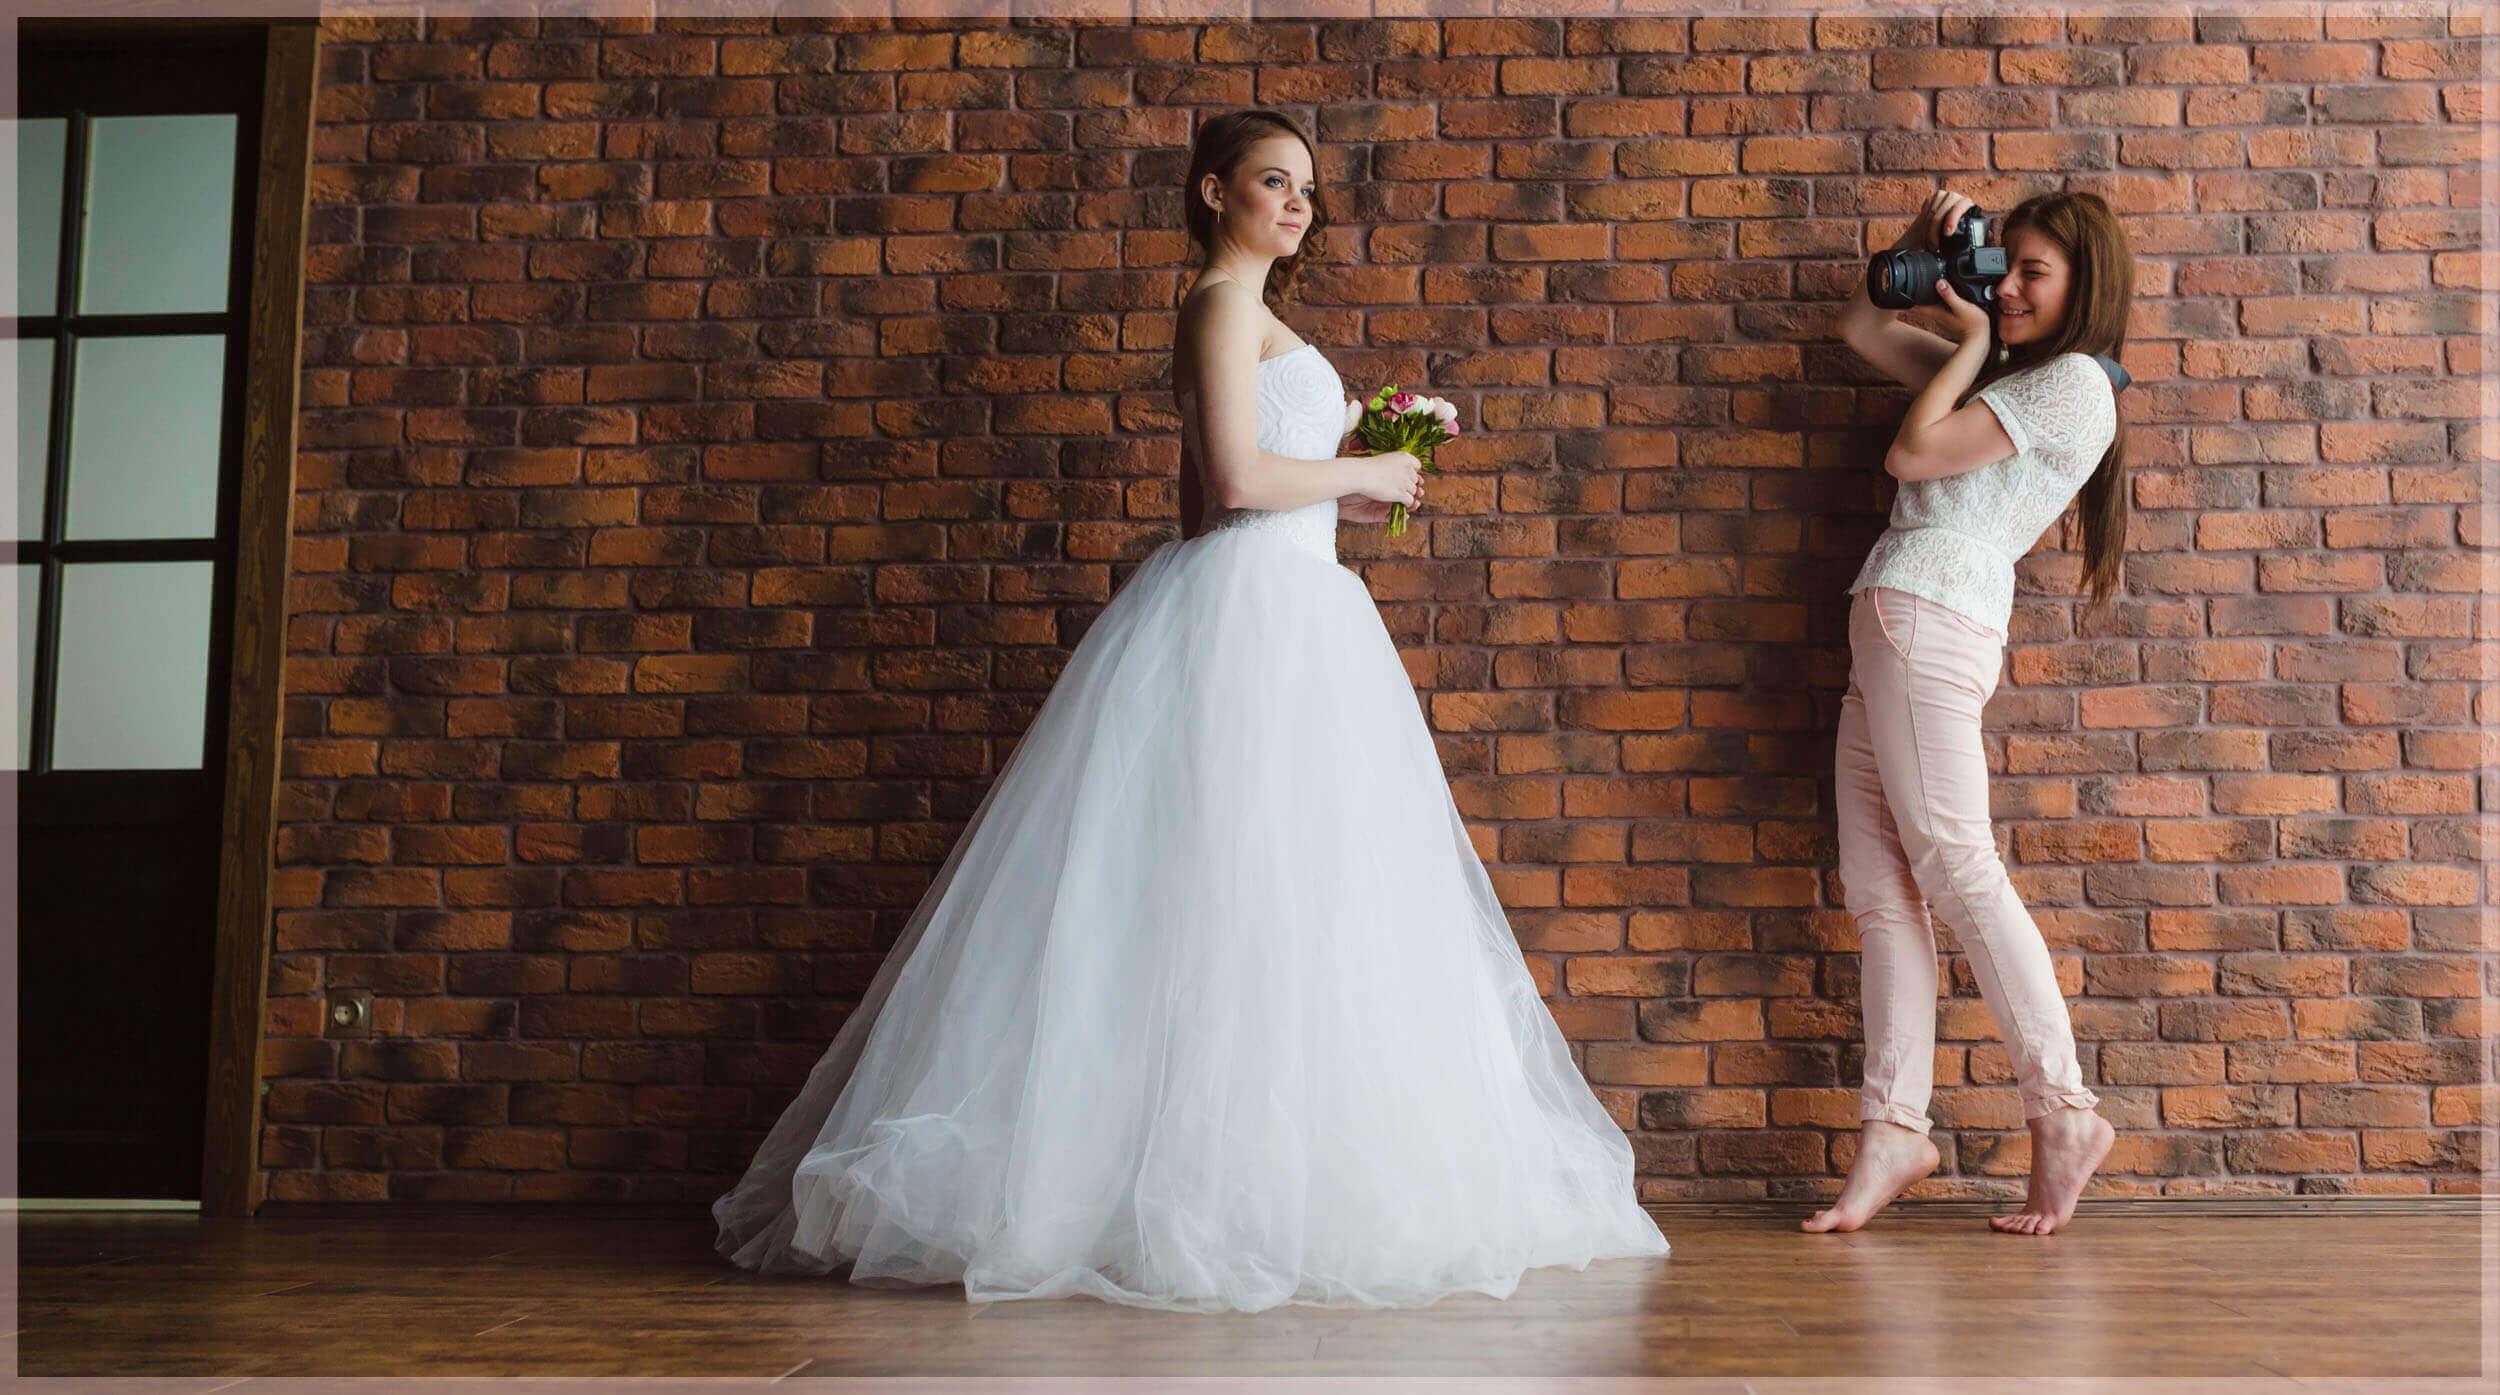 7 bí quyết giúp bạn tiết kiệm chi phí khi chụp ảnh cưới - Ảnh 3.